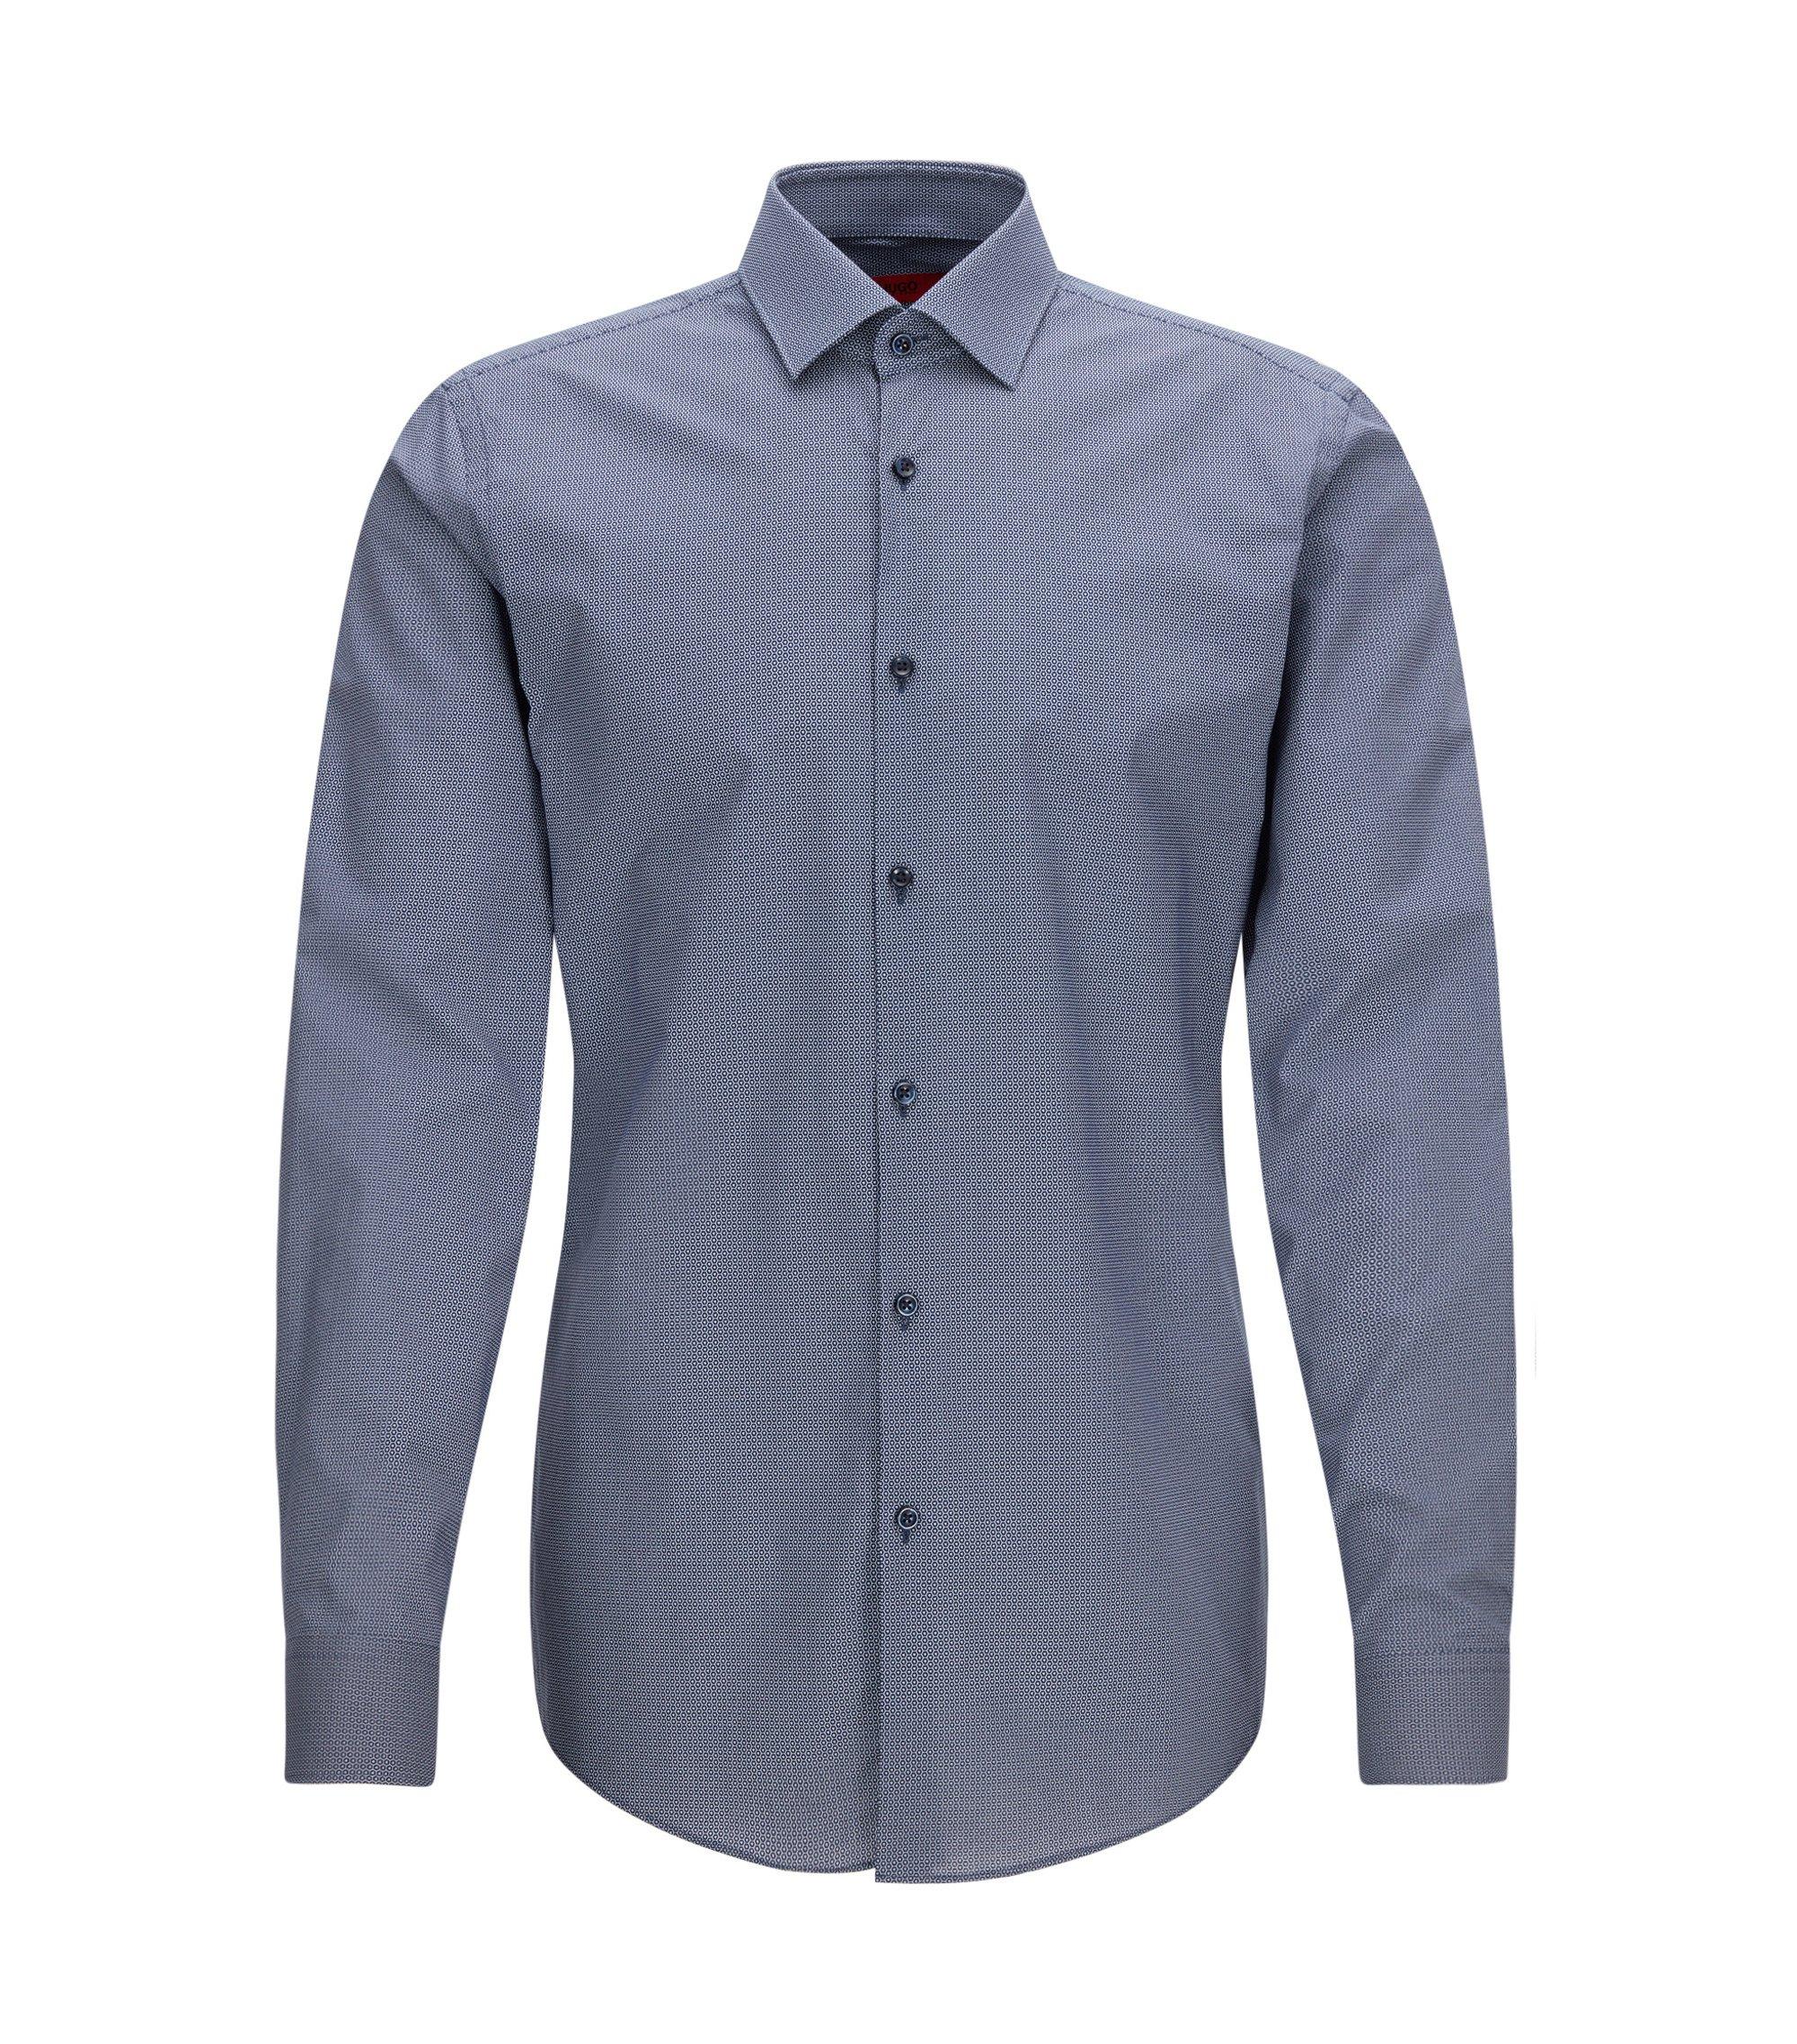 Bedrucktes Slim-Fit Hemd aus Baumwolle, Dunkelblau